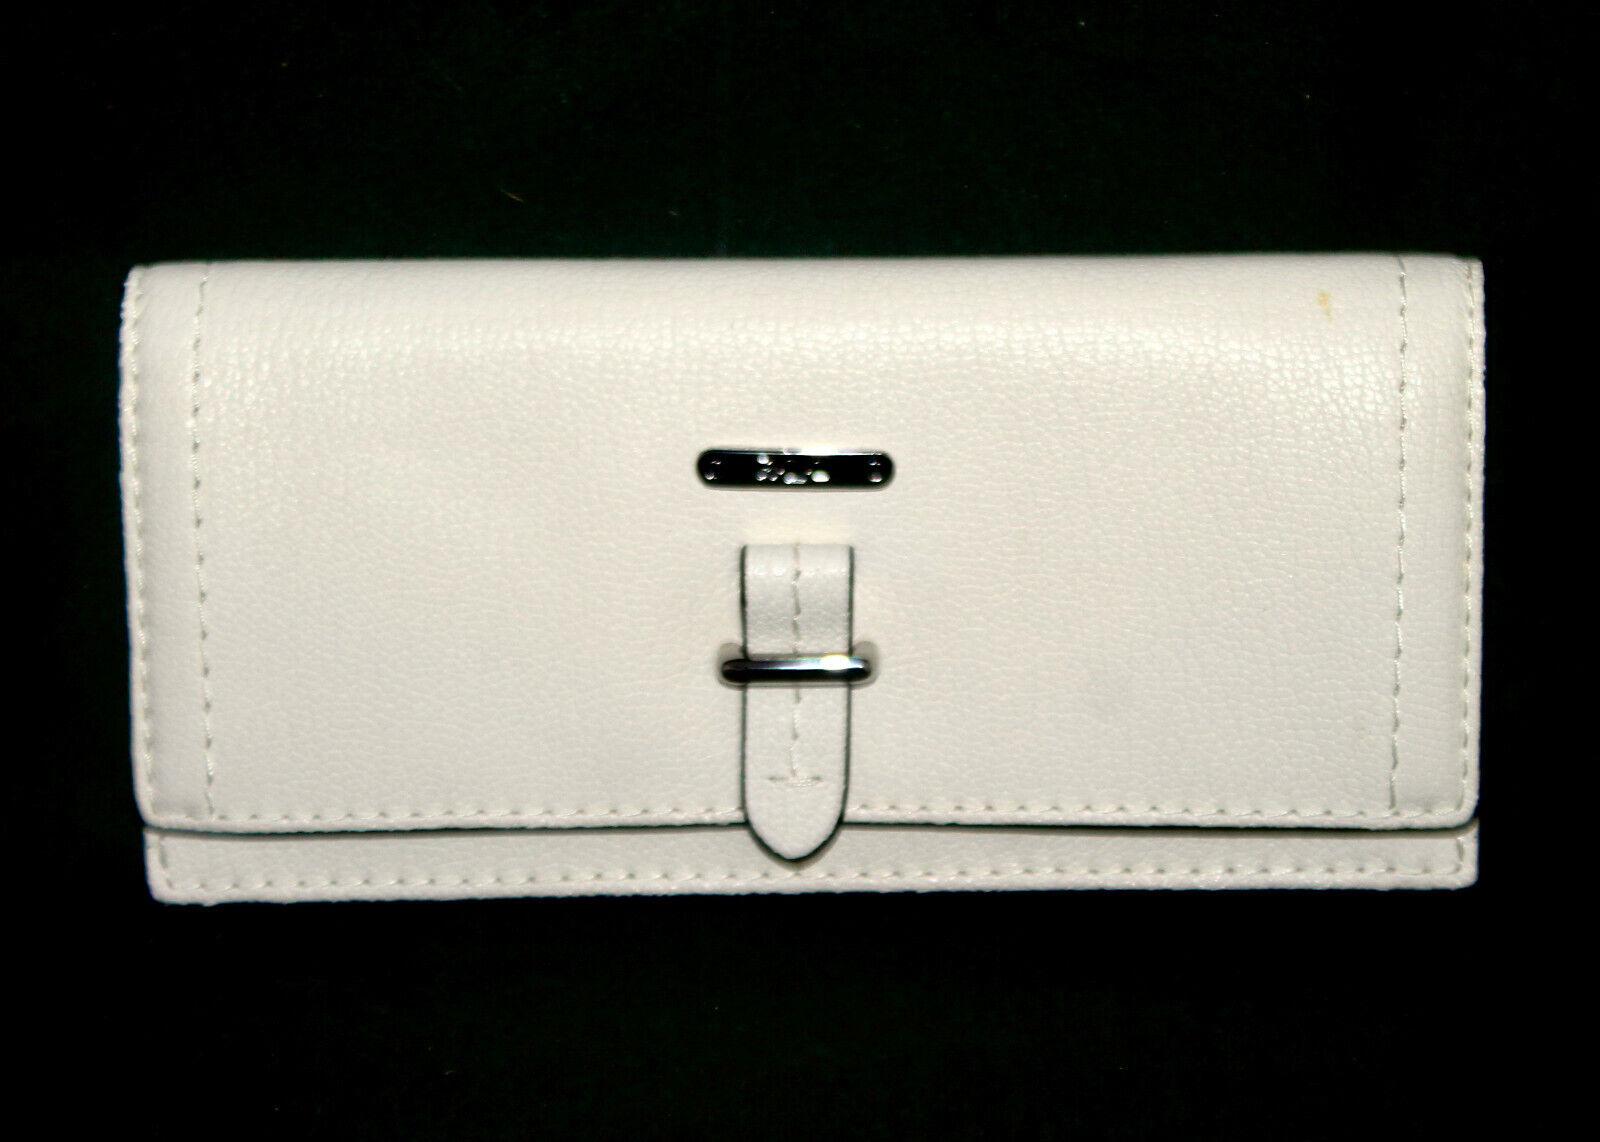 New LAUREN RALPH LAUREN Gladstone Slim Envelope Wallet Vanilla Leather